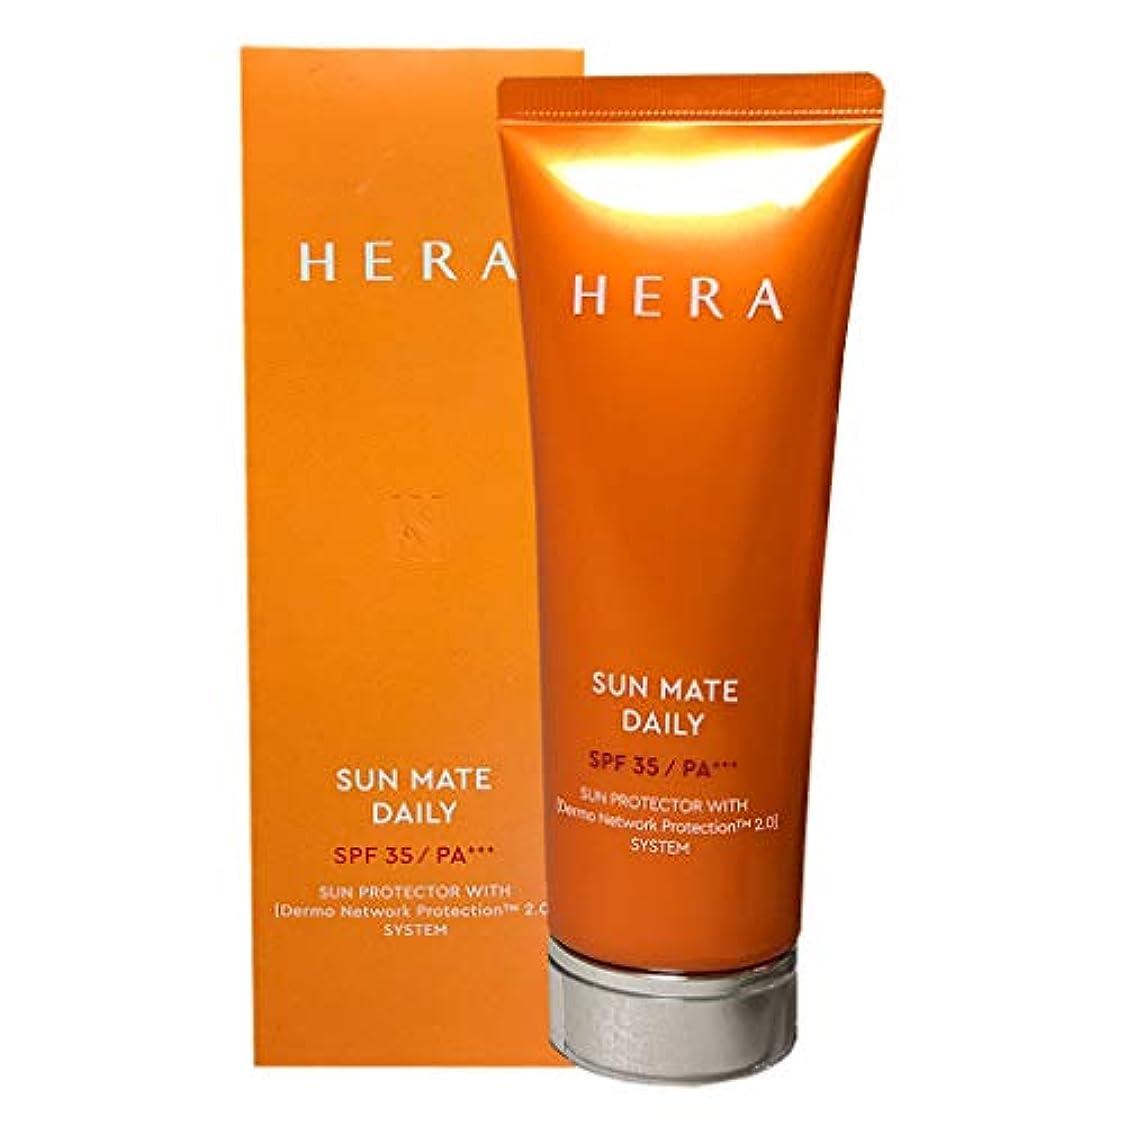 シャワーく致命的ヘラ サンメイト デイリー SPF35PA+++メイクアップベース日焼け止めクリーム/SUN MATE DAILY UVCream